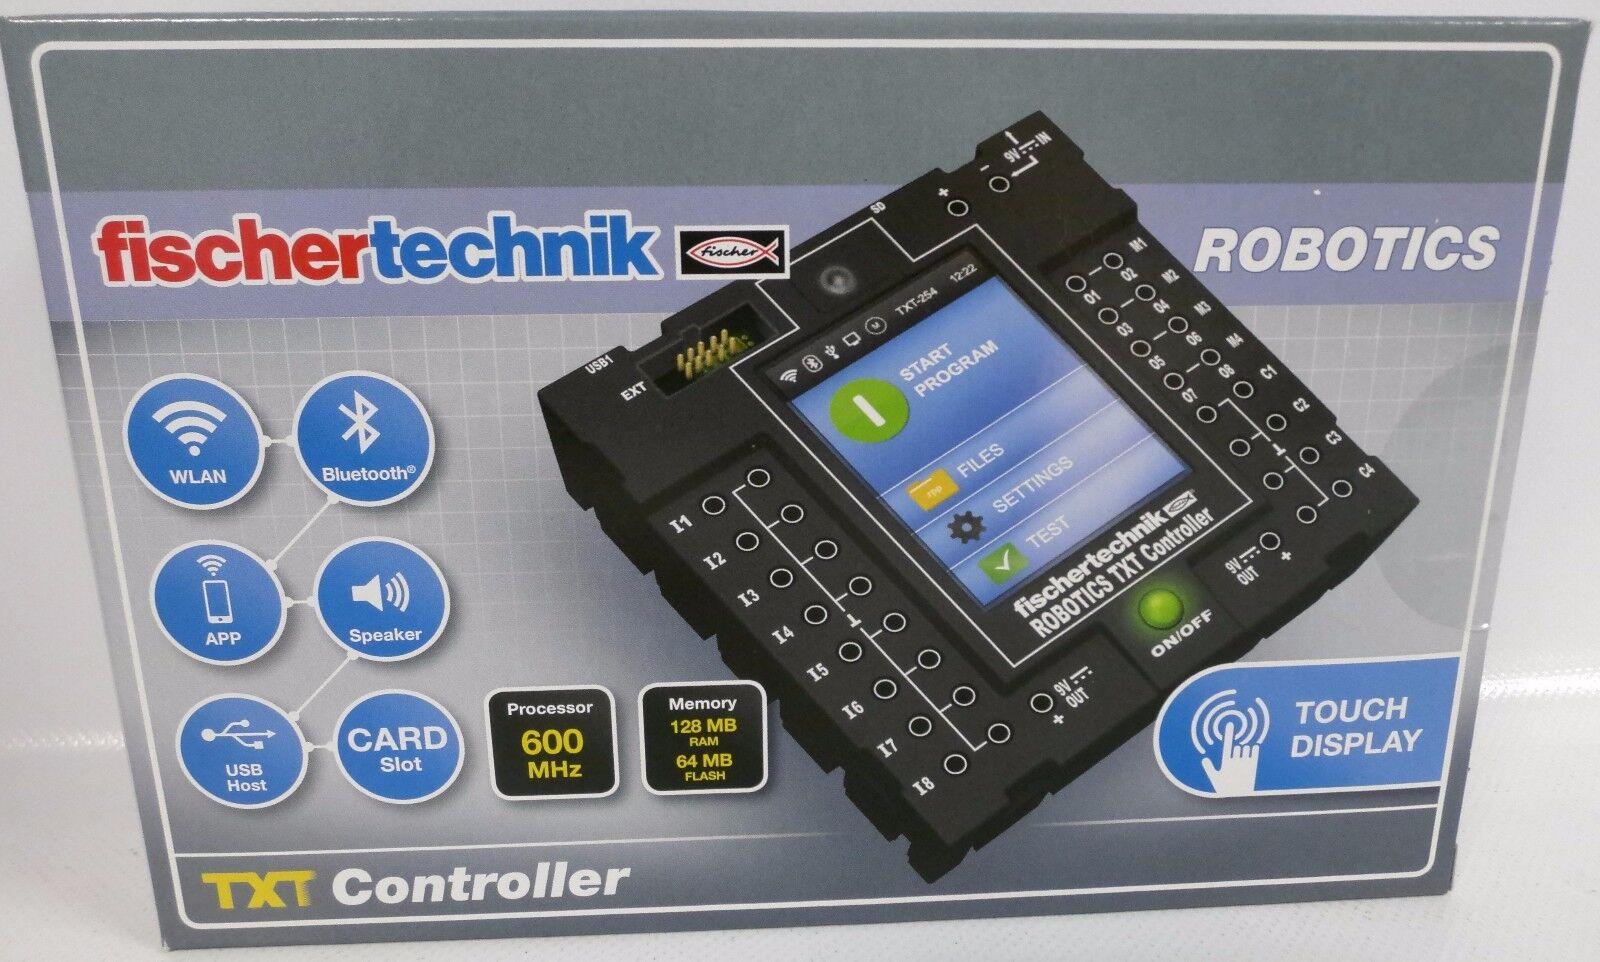 NEU fischertechnik 522429 ROBOTICS TXT Controller OVP